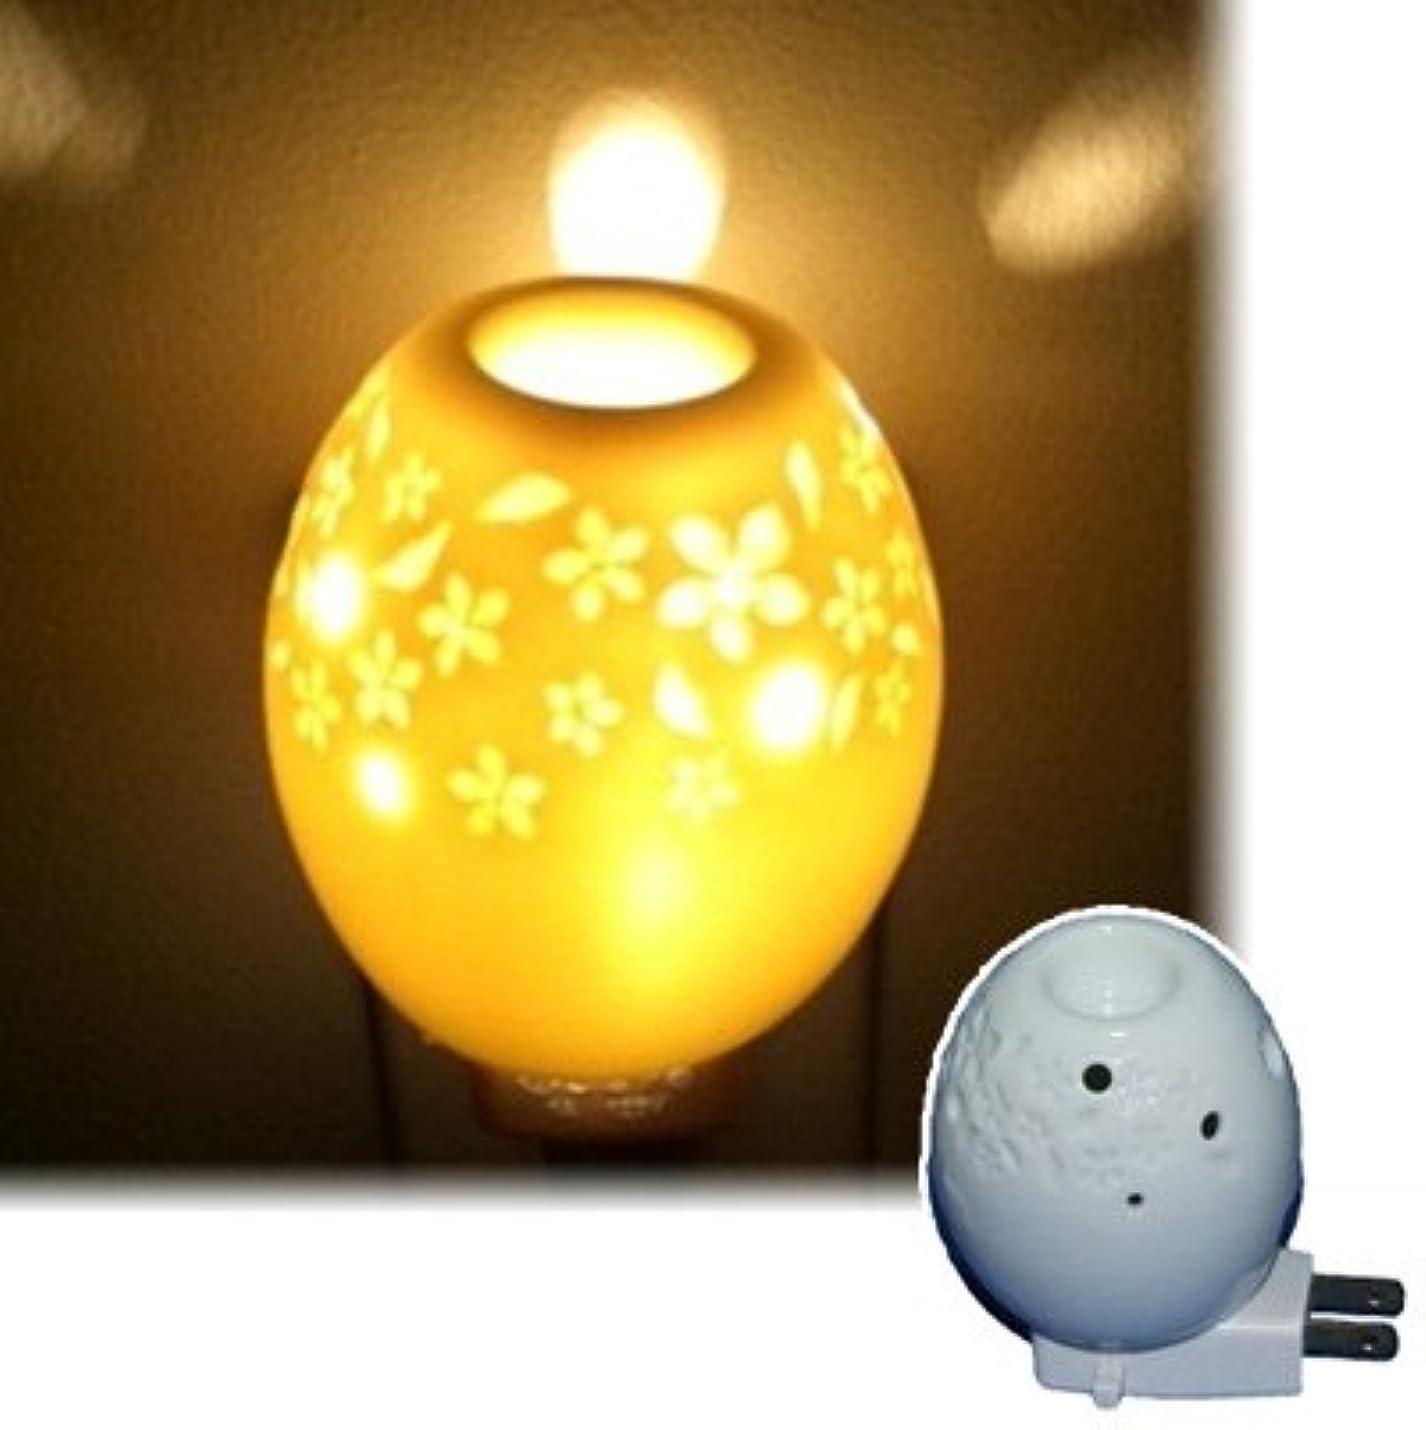 ルーチン契約したテンポアロマオールナイト オーバル 生活の木 アロマランプ(電気式芳香器)